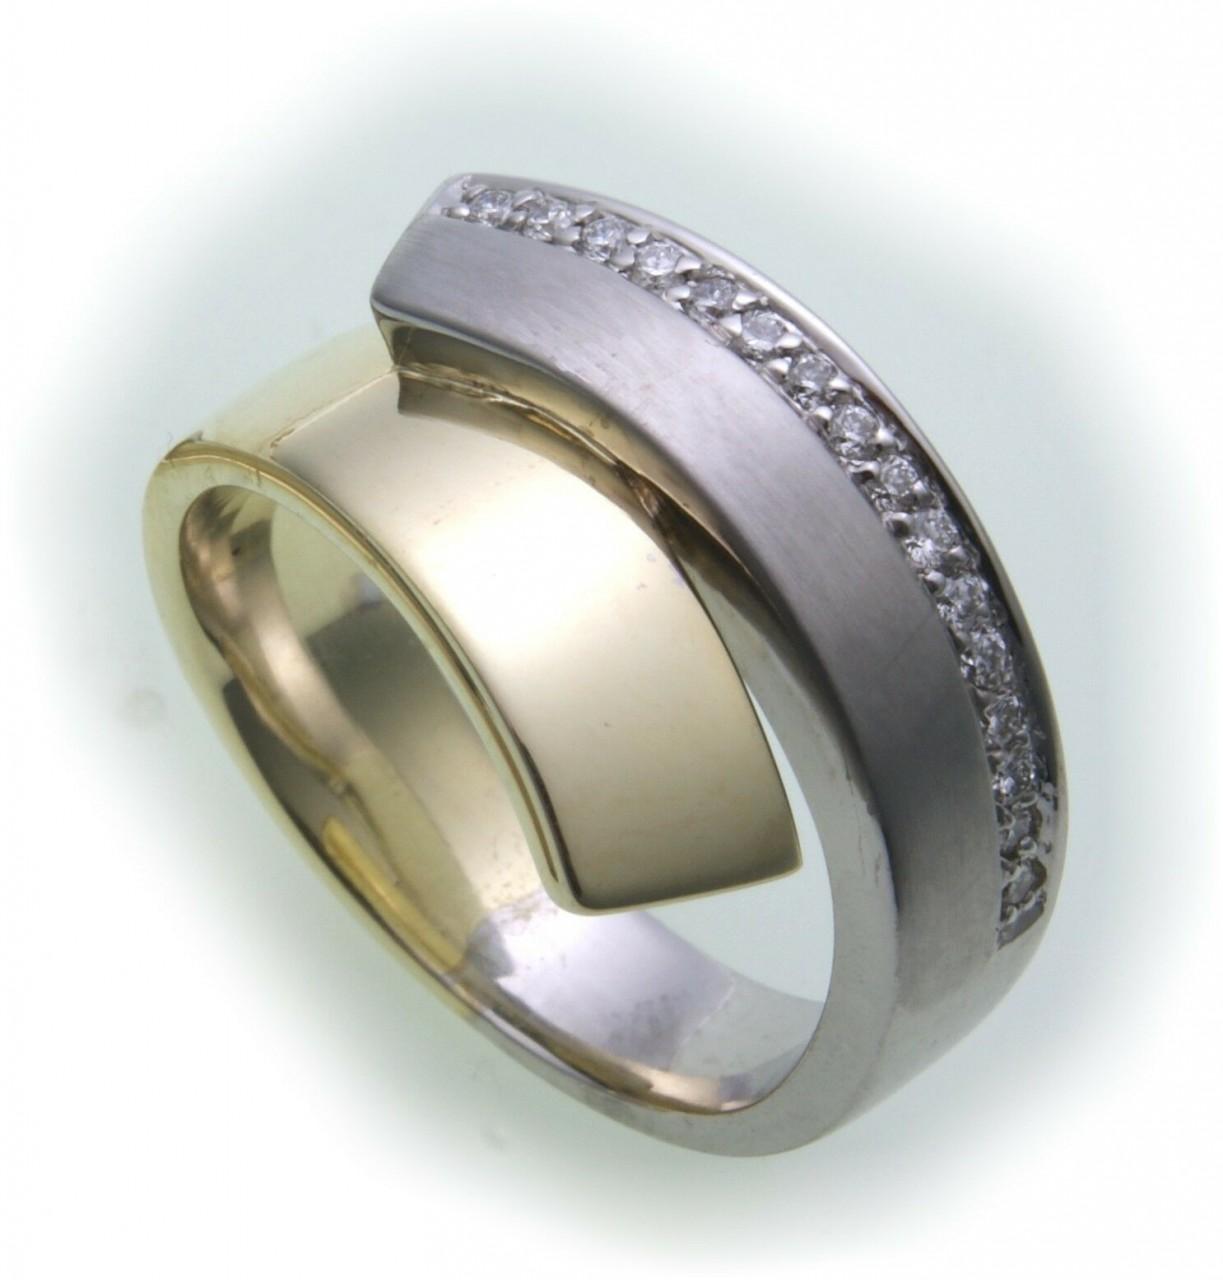 Damen Ring Brillant 0,16 carat w/si echt Gold 750 18kt 0,16 ct Gelbgold Diamant